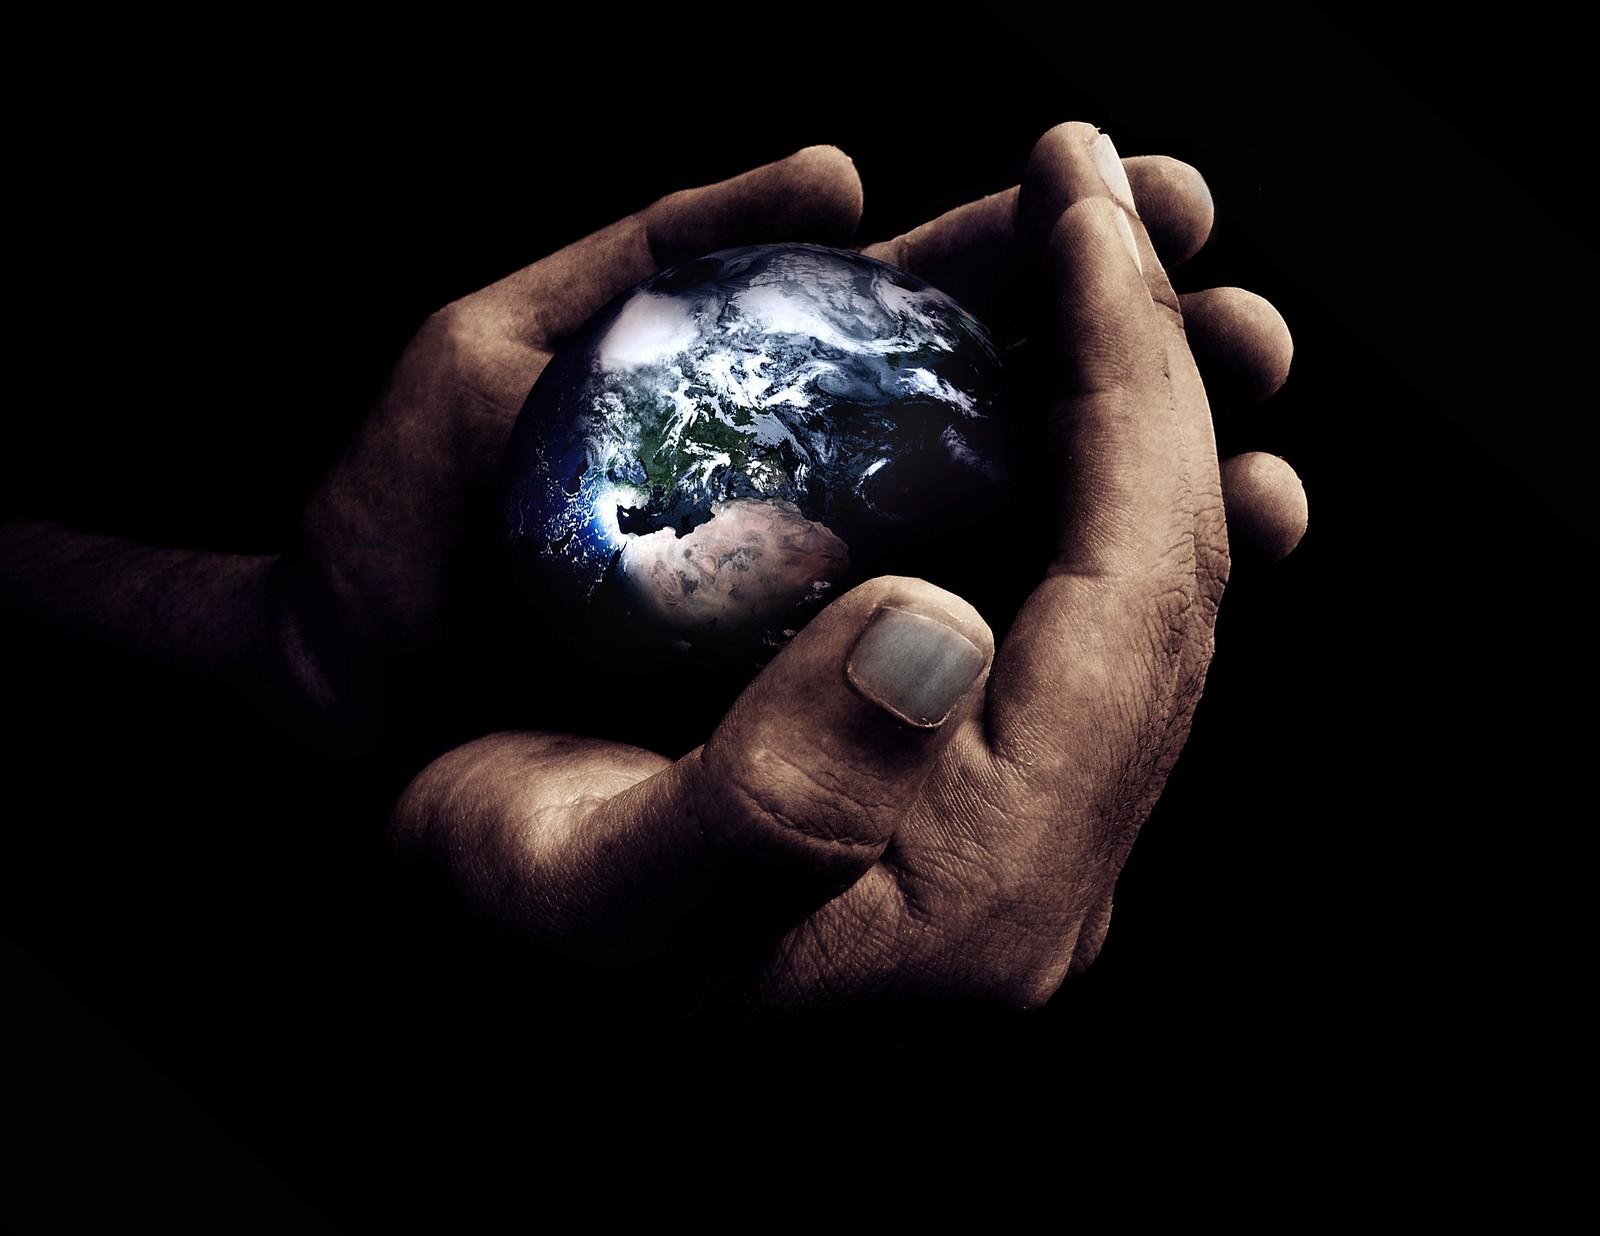 La ONU avanza hacia el GOBIERNO GLOBAL a través del Acuerdo Climático [que abre las puertas a impuestos globales]…